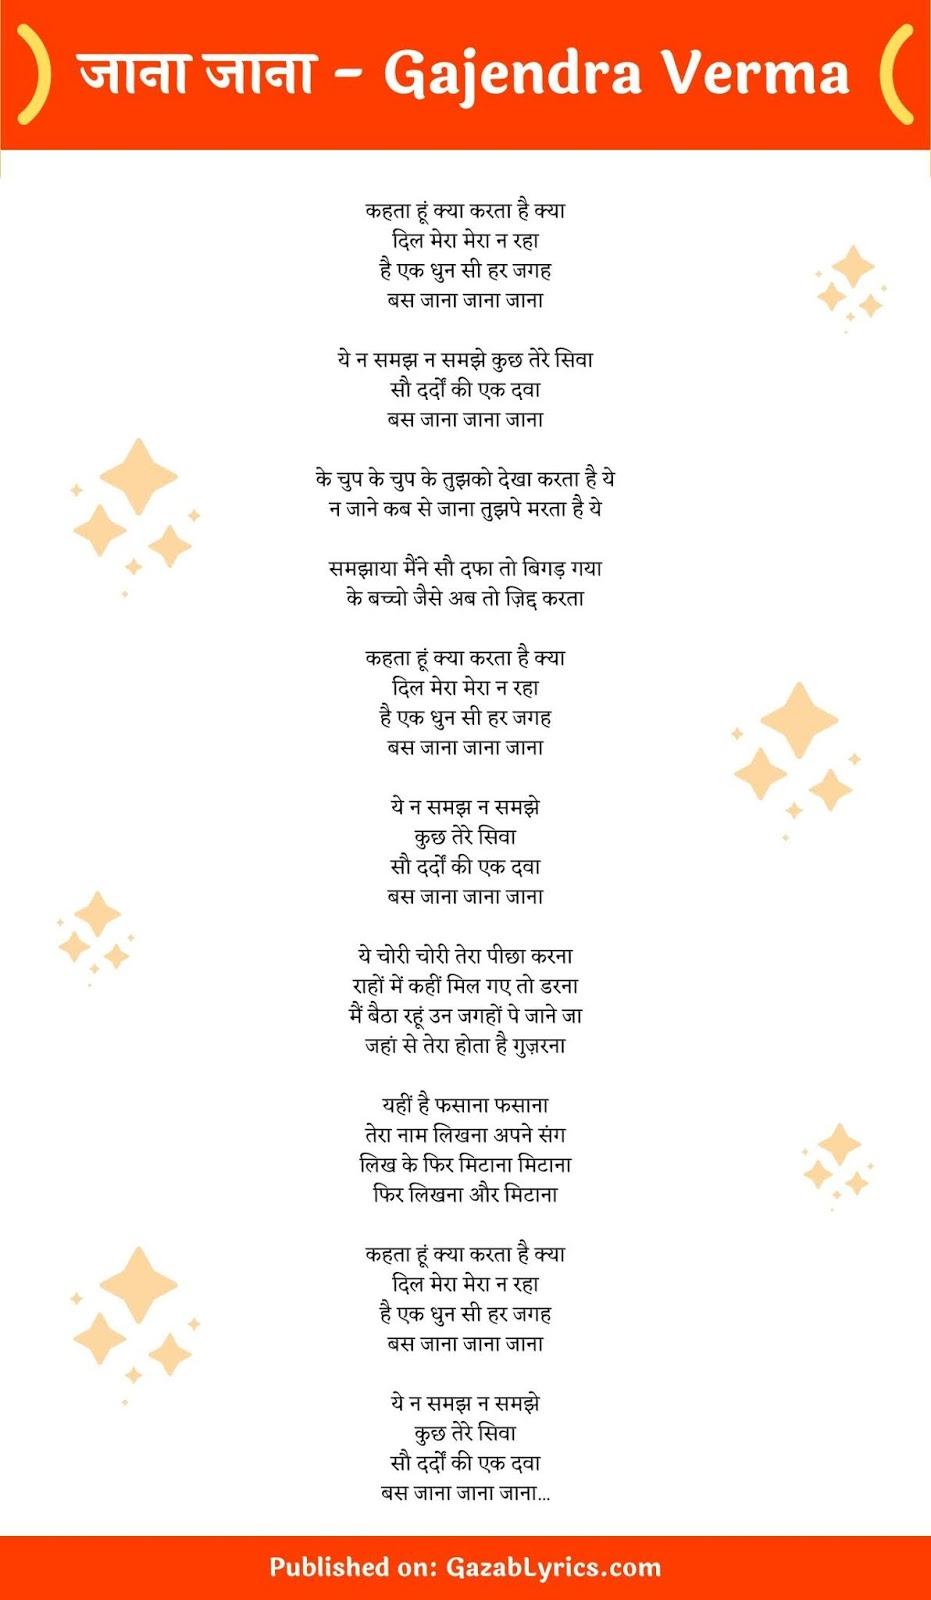 Jaana Jaana song lyrics image